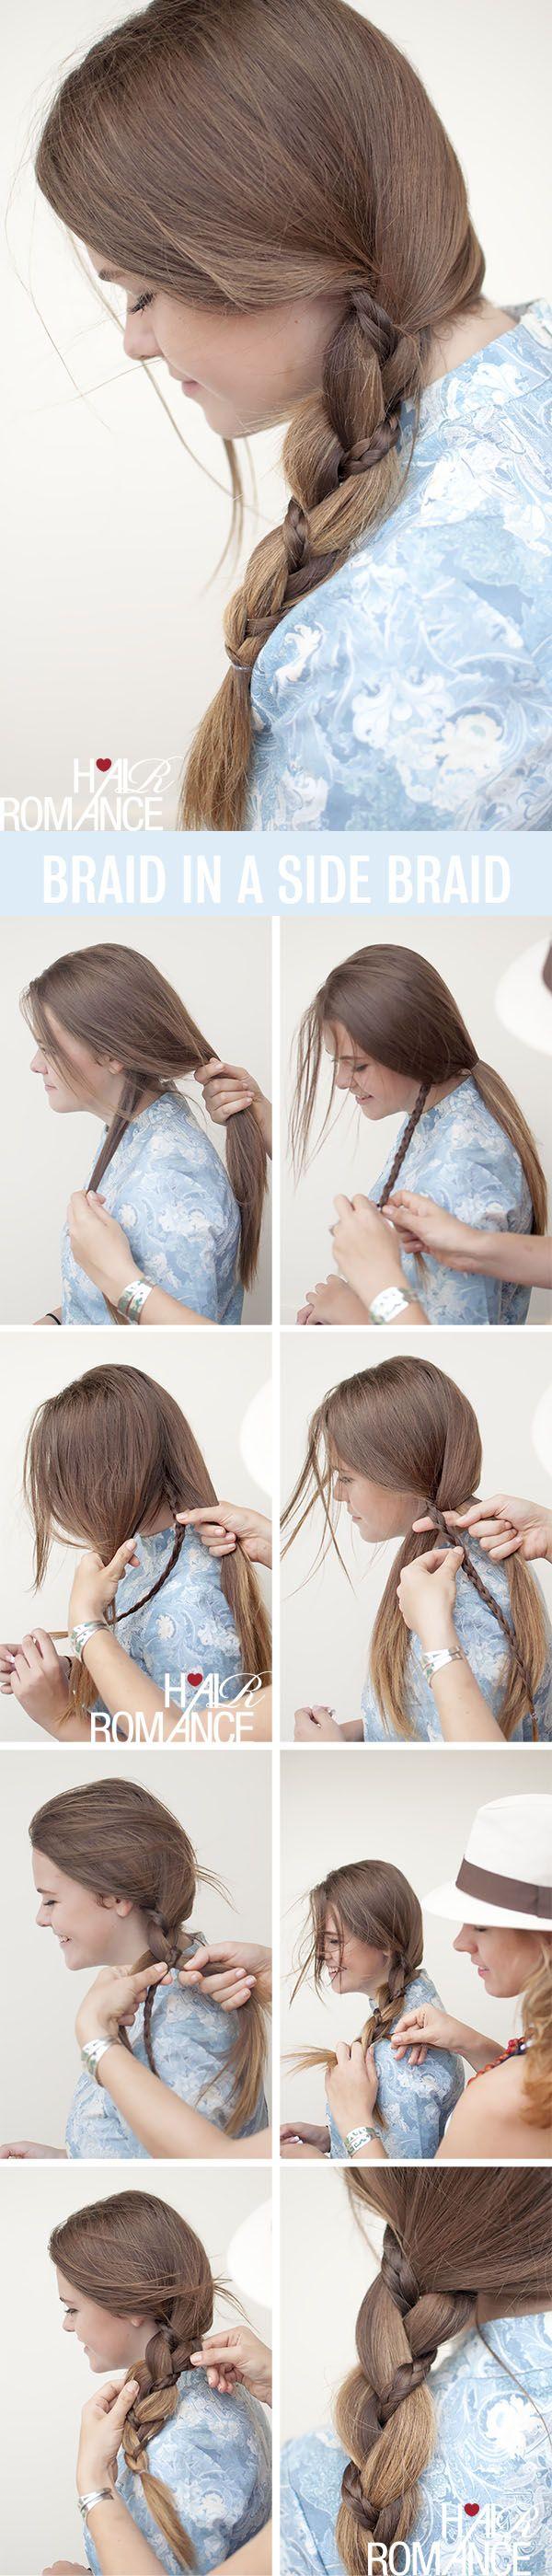 Braid in a braid....